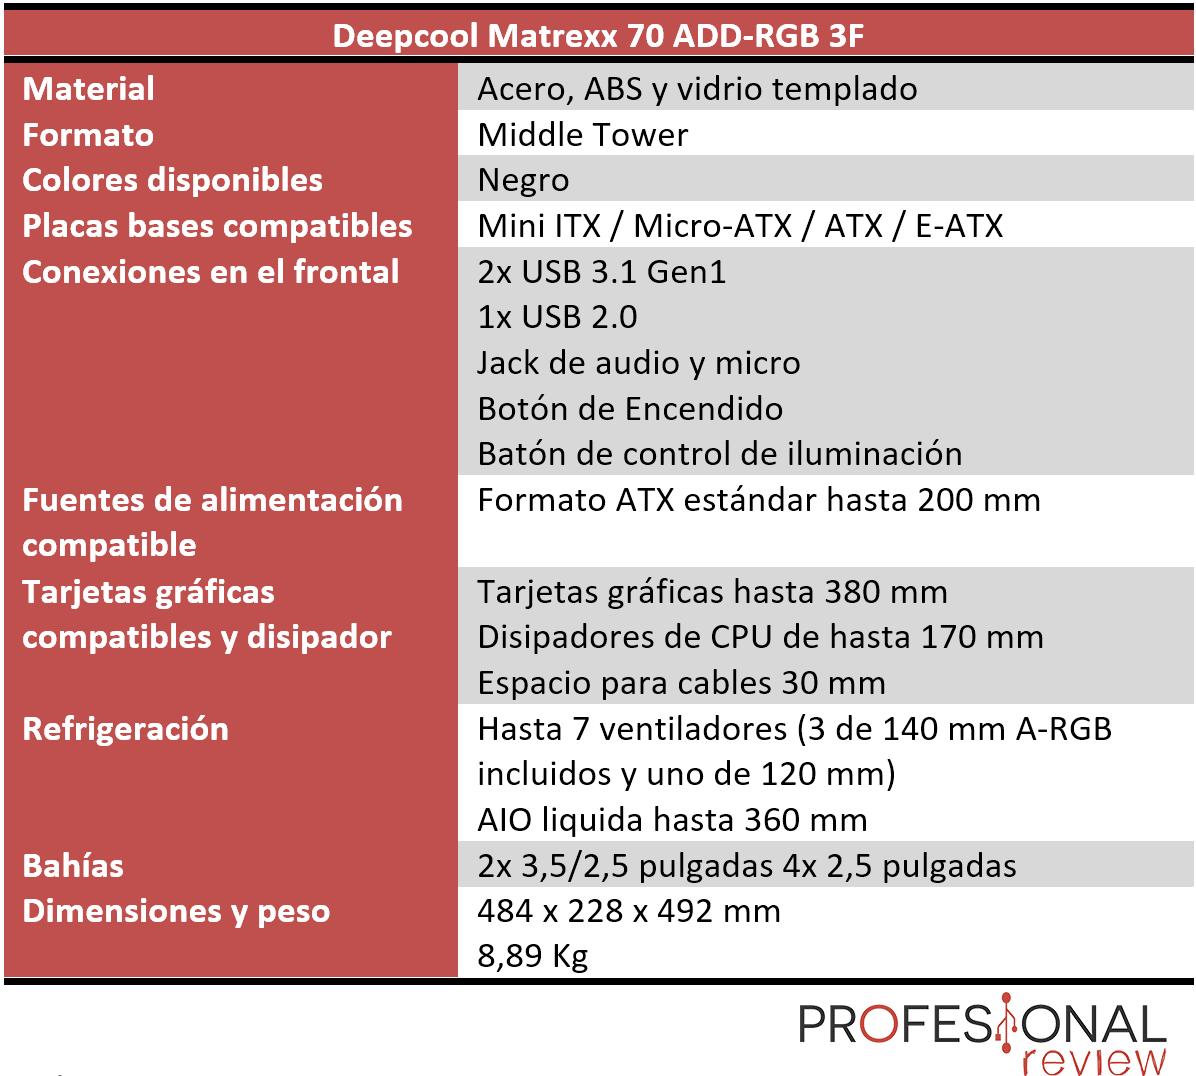 Deepcool Matrexx 70 ADD-RGB 3F características